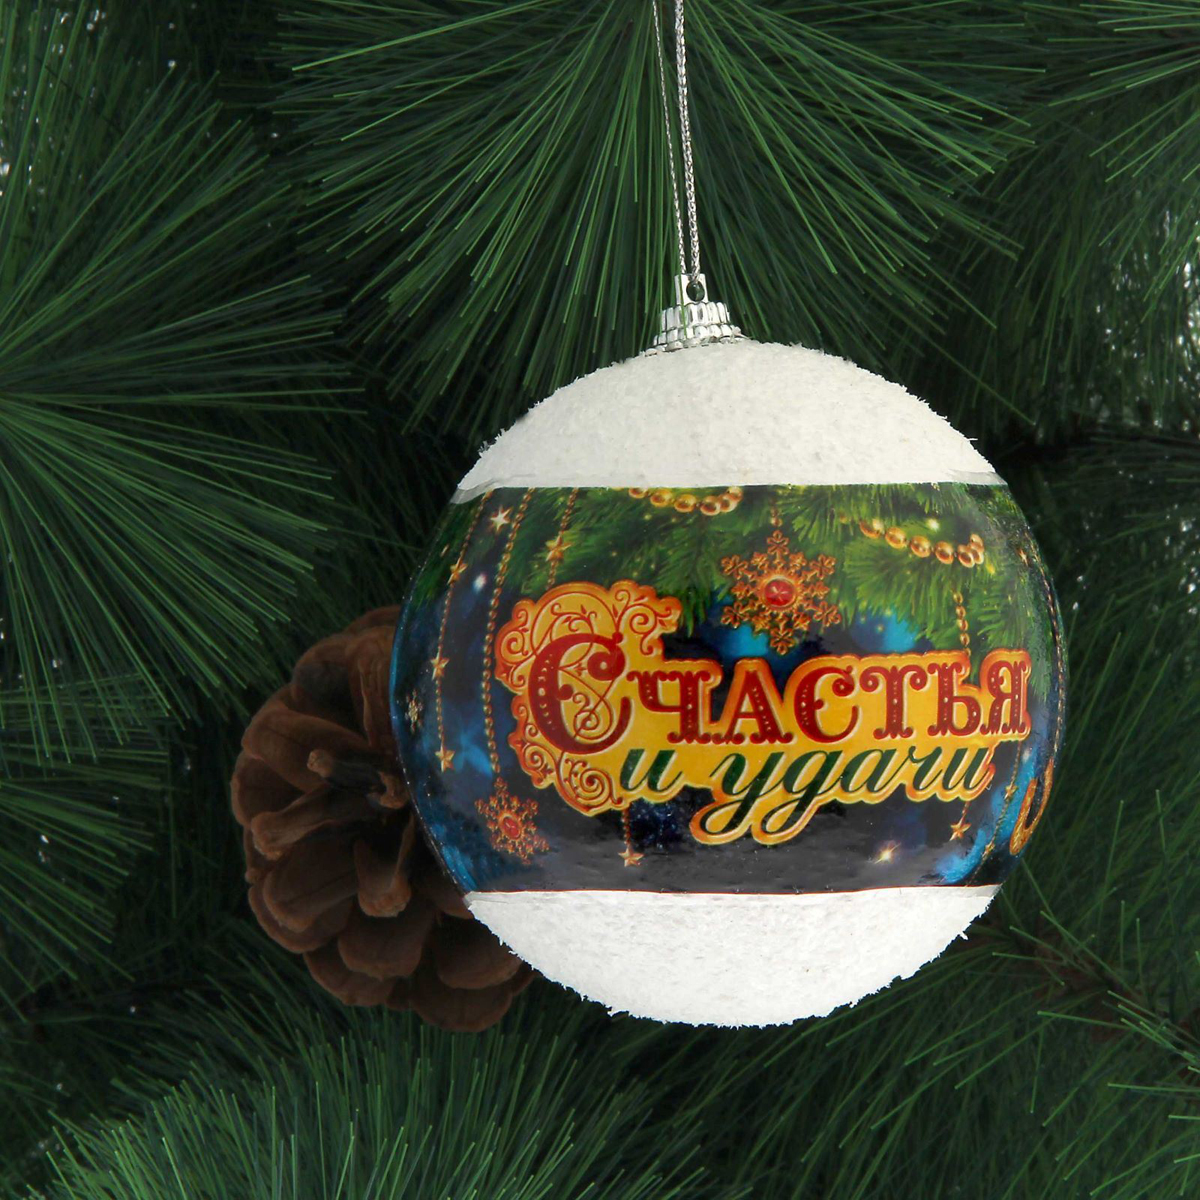 Новогоднее подвесное украшение Sima-land Счастья и удачи, диаметр 8 см1429824Новогоднее украшение Sima-land отлично подойдет для декорации вашего дома и новогодней ели. Елочная игрушка - символ Нового года. Она несет в себе волшебство и красоту праздника. Такое украшение создаст в вашем доме атмосферу праздника, веселья и радости.